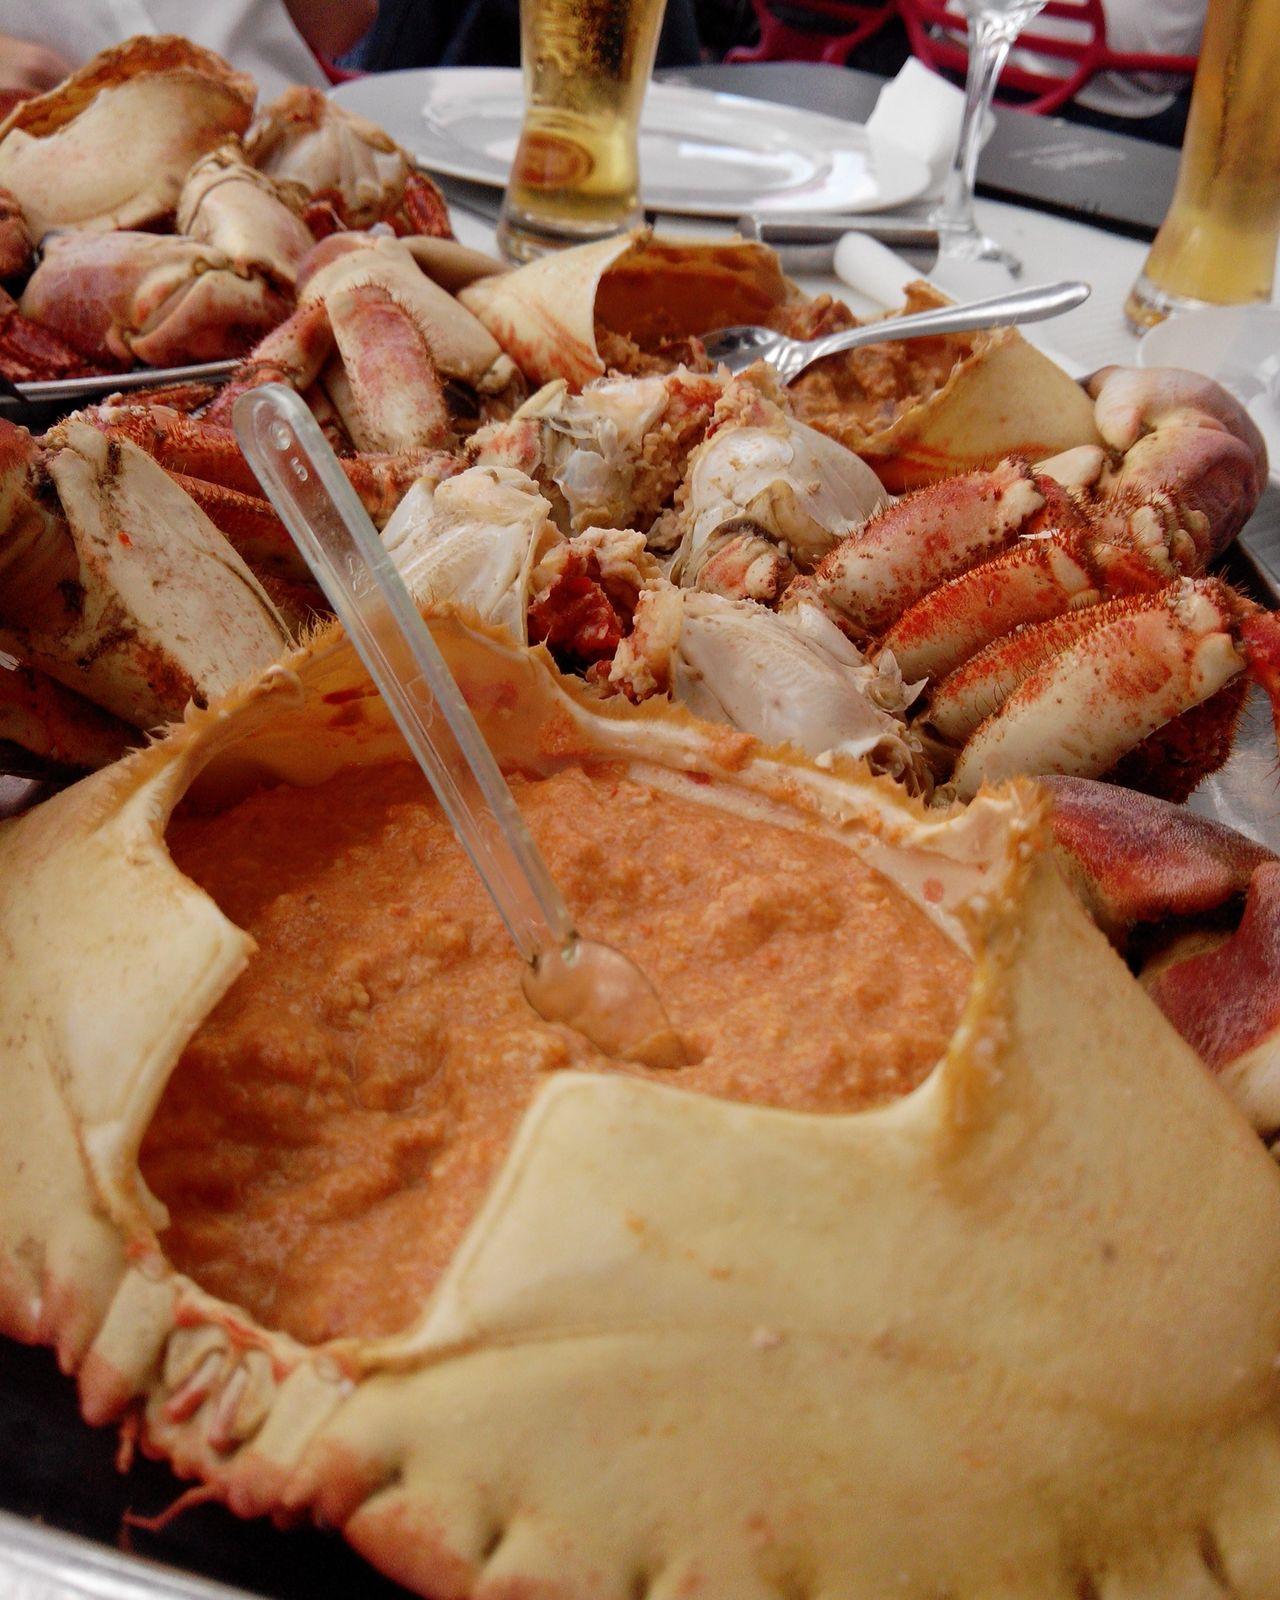 Seafood Seafoods Crabs Crab Manjar Marisco Sapateira Santacruz FestivaldoMarisco Crabfest